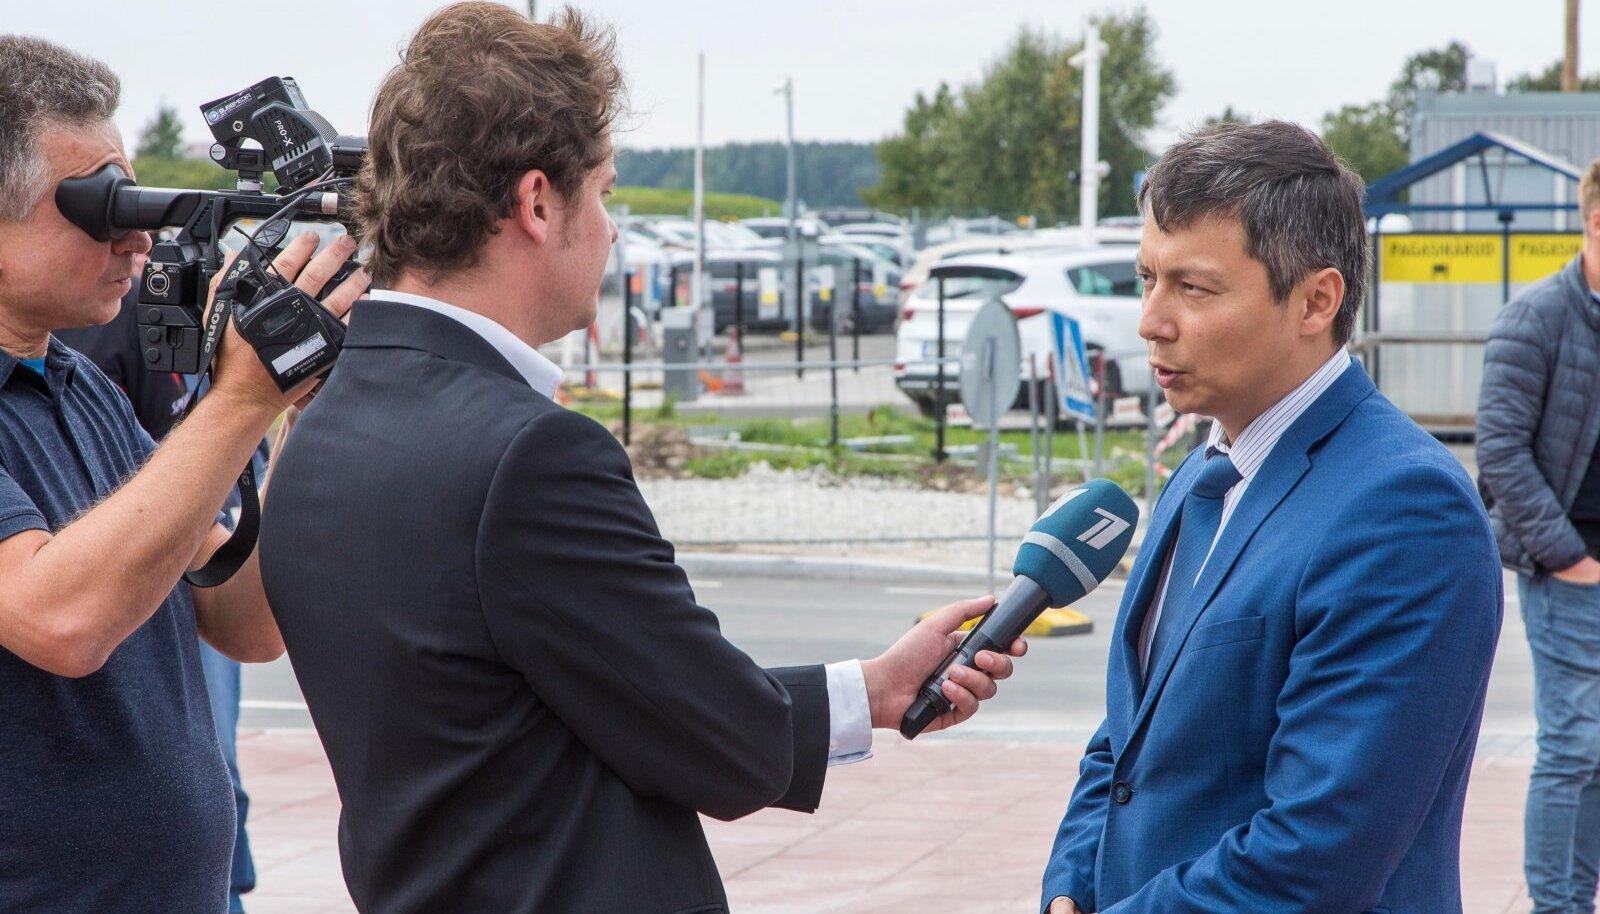 Tallinna linn maksab PBK-le 715 000 eurot aastas. Pildil annab linnapea Mihhail Kõlvart Vene kanalile intervjuud.